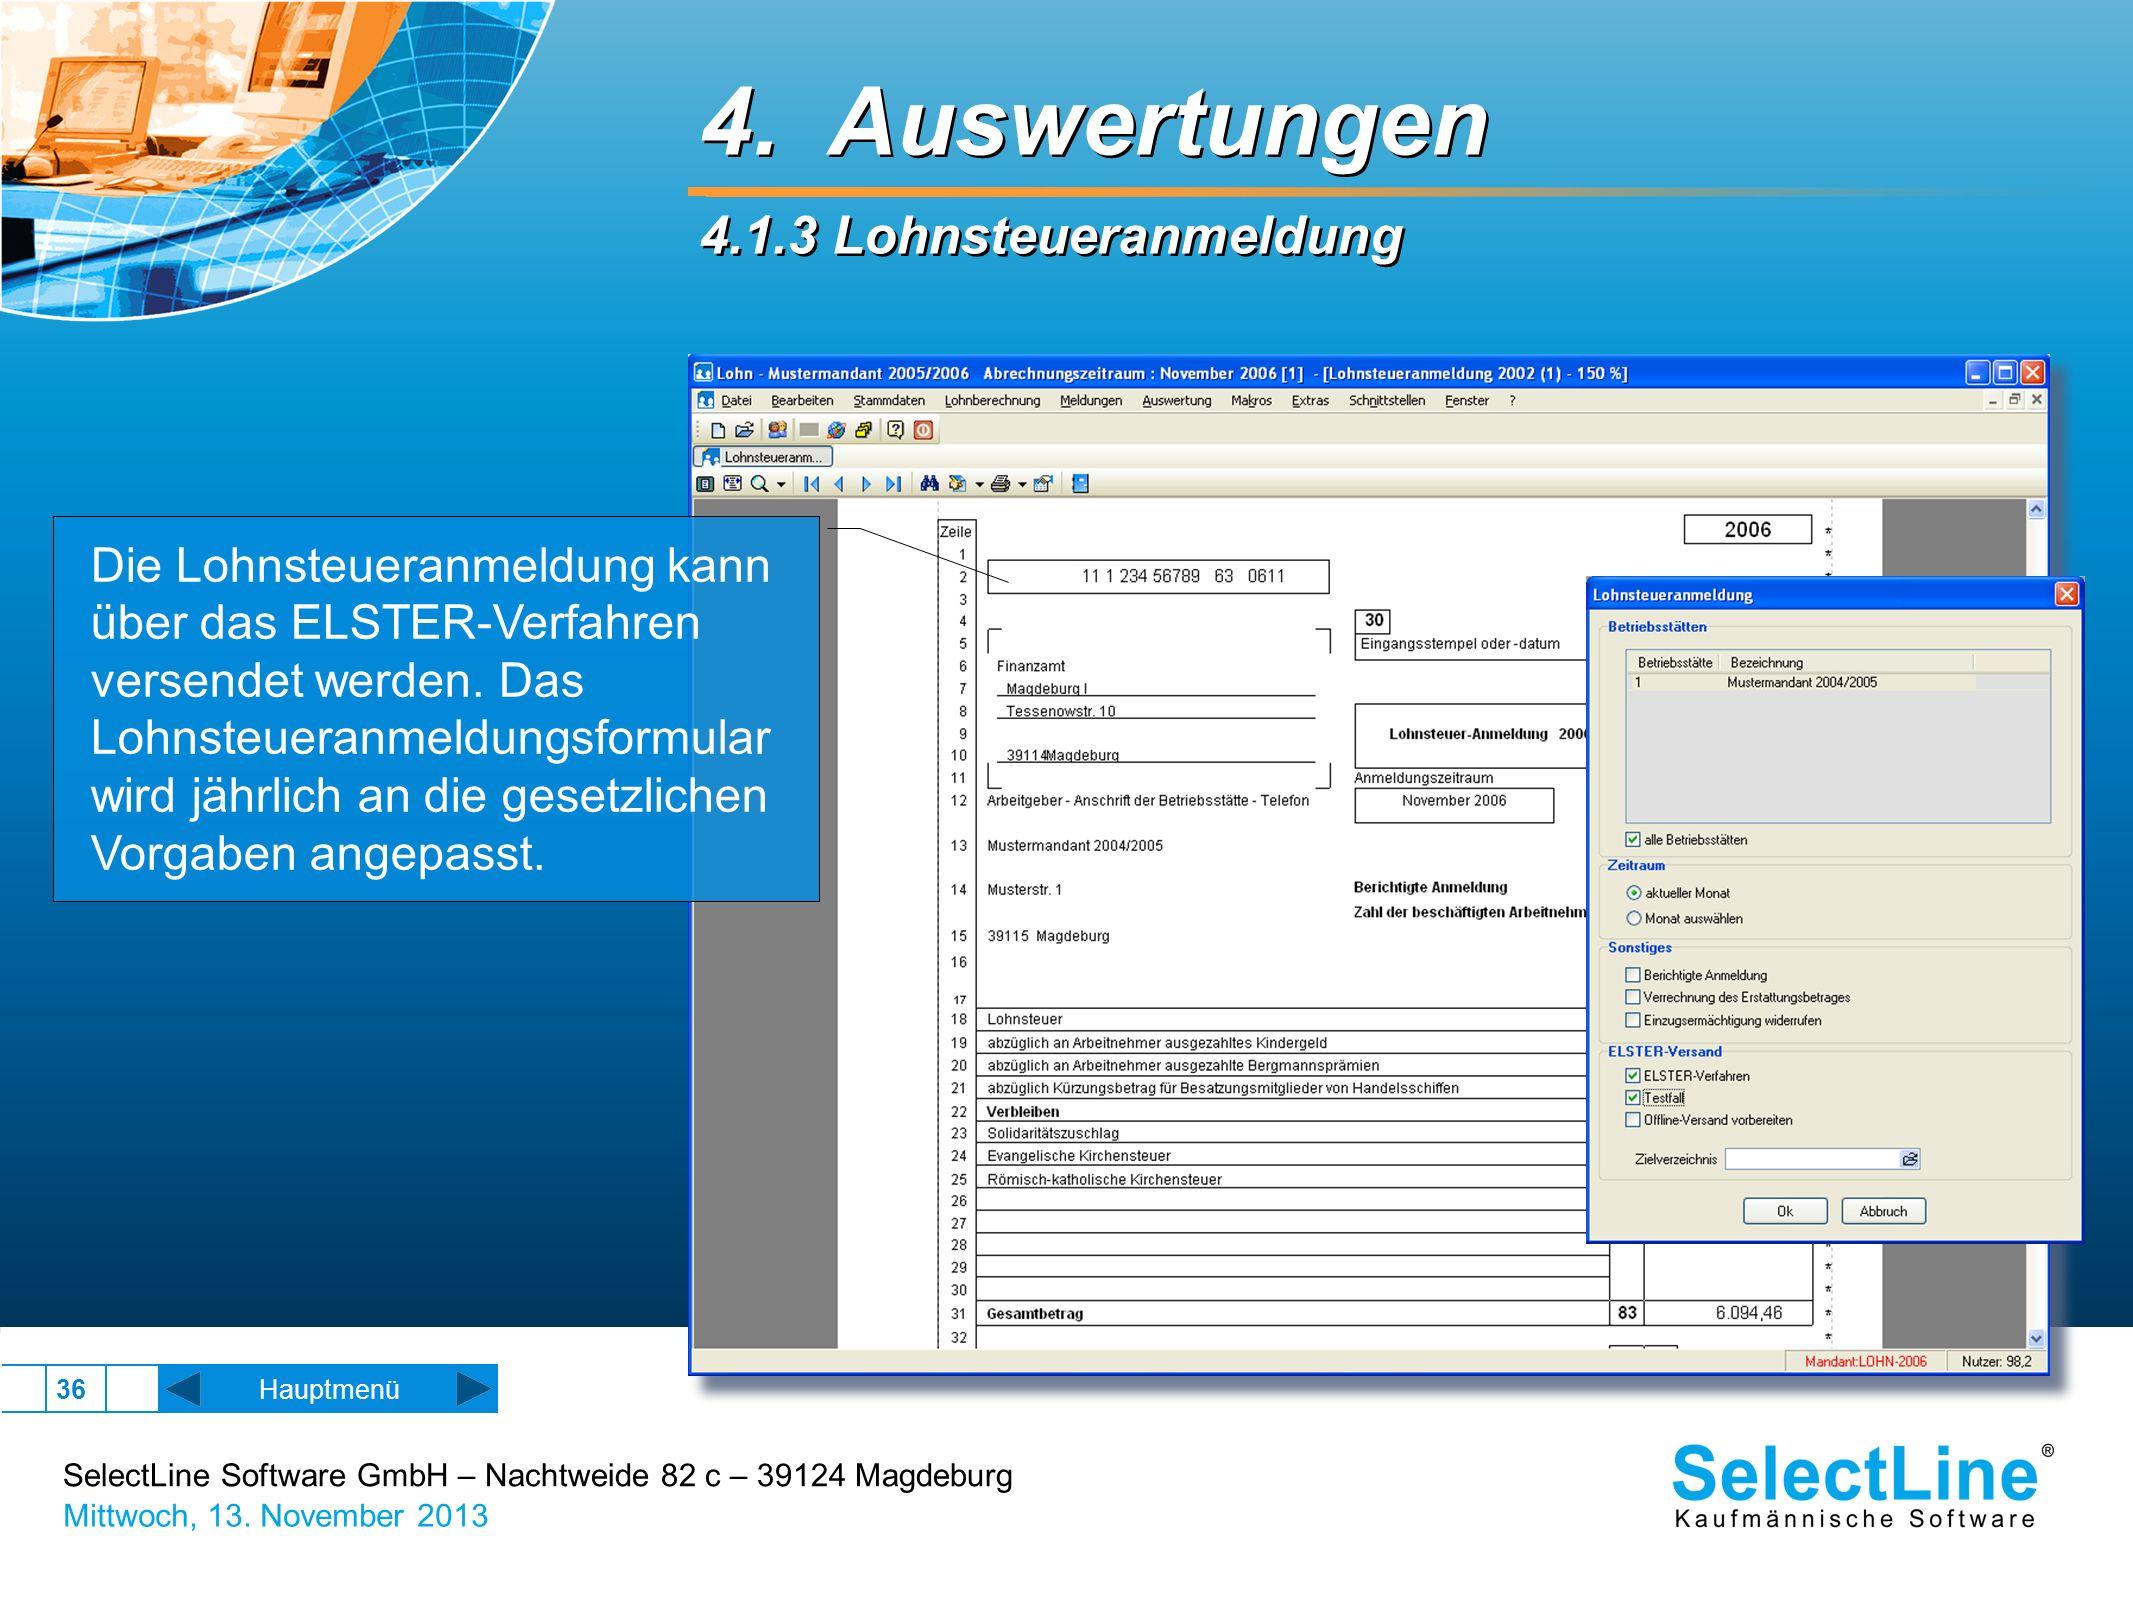 SelectLine Software GmbH – Nachtweide 82 c – 39124 Magdeburg Mittwoch, 13. November 2013 36 Hauptmenü 4. Auswertungen 4.1.3 Lohnsteueranmeldung 4. Aus